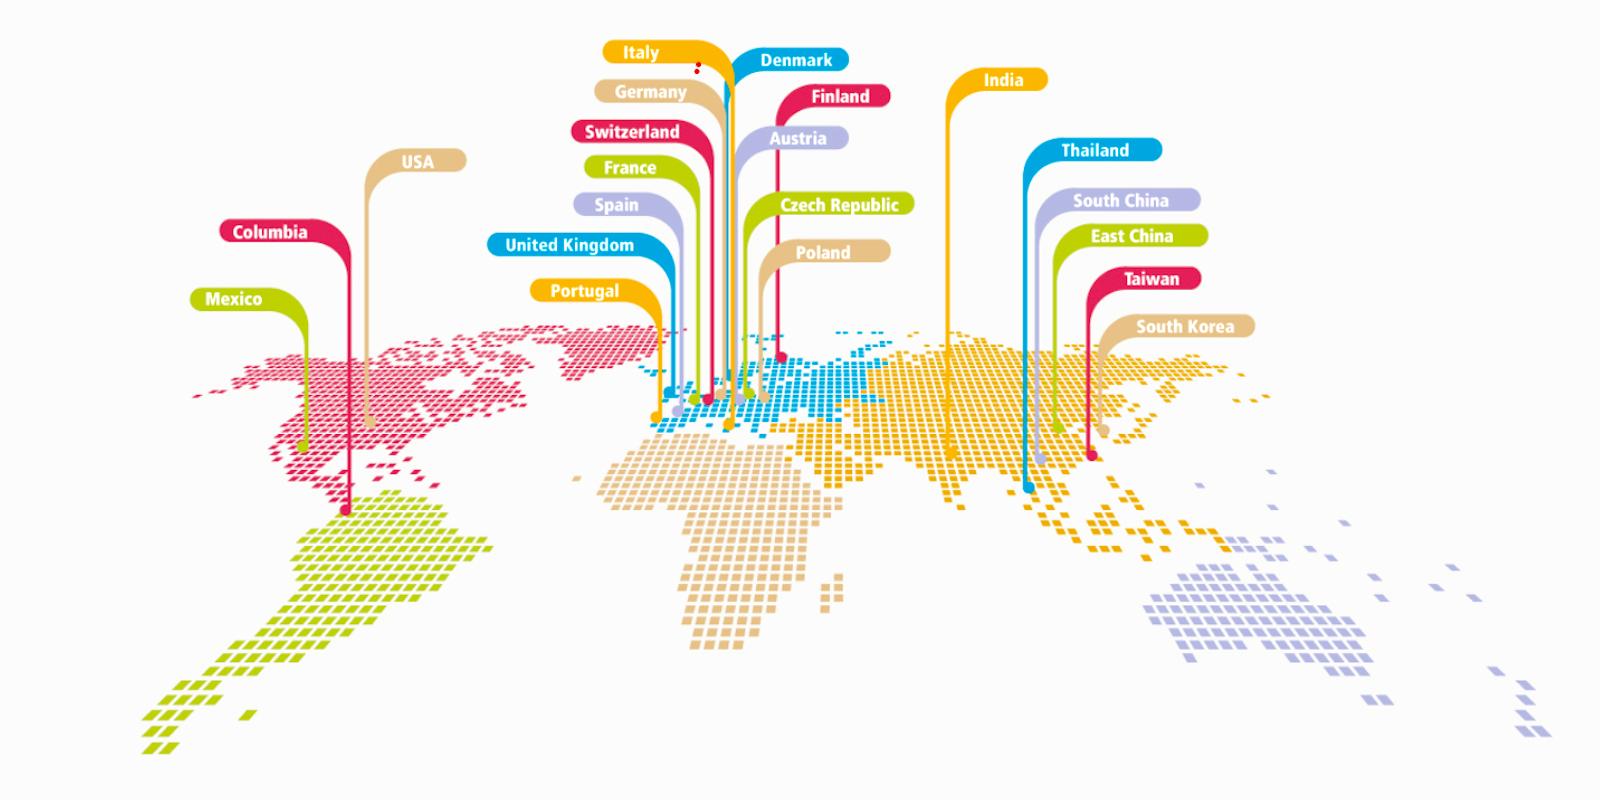 Ankety se zúčastnily agentury z 21 zemí